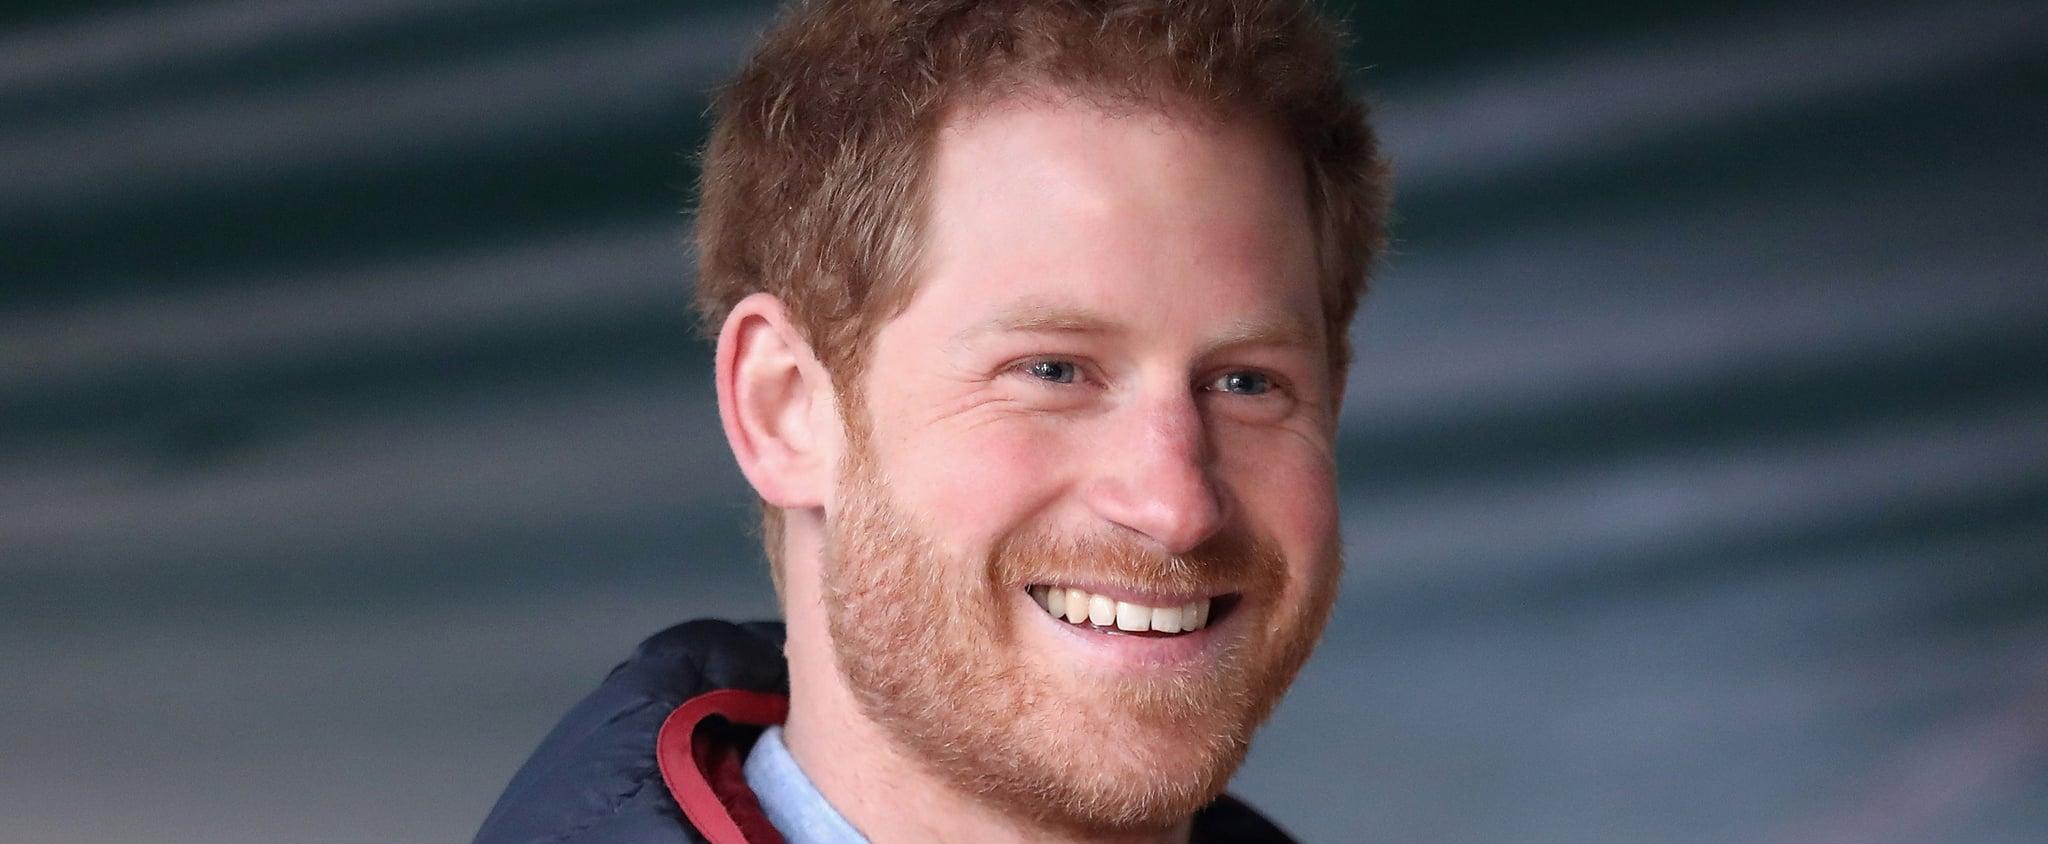 Vous Ne le Saviez Probablement Pas: le Prince Harry Ne S'appelle Pas Vraiment Harry